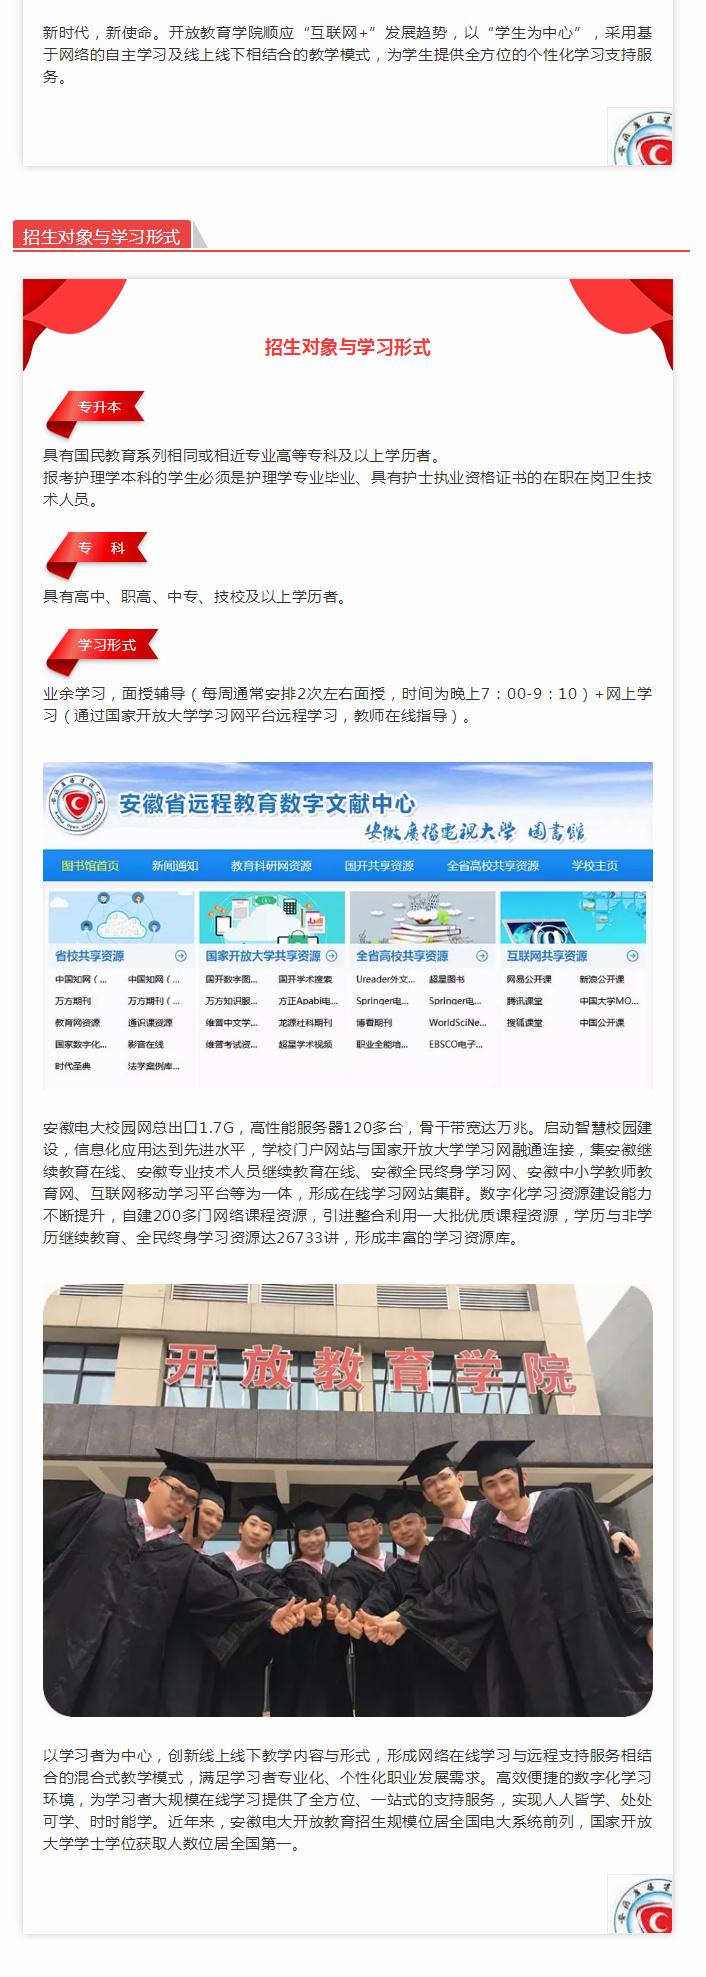 安徽广播电视大学2.jpg